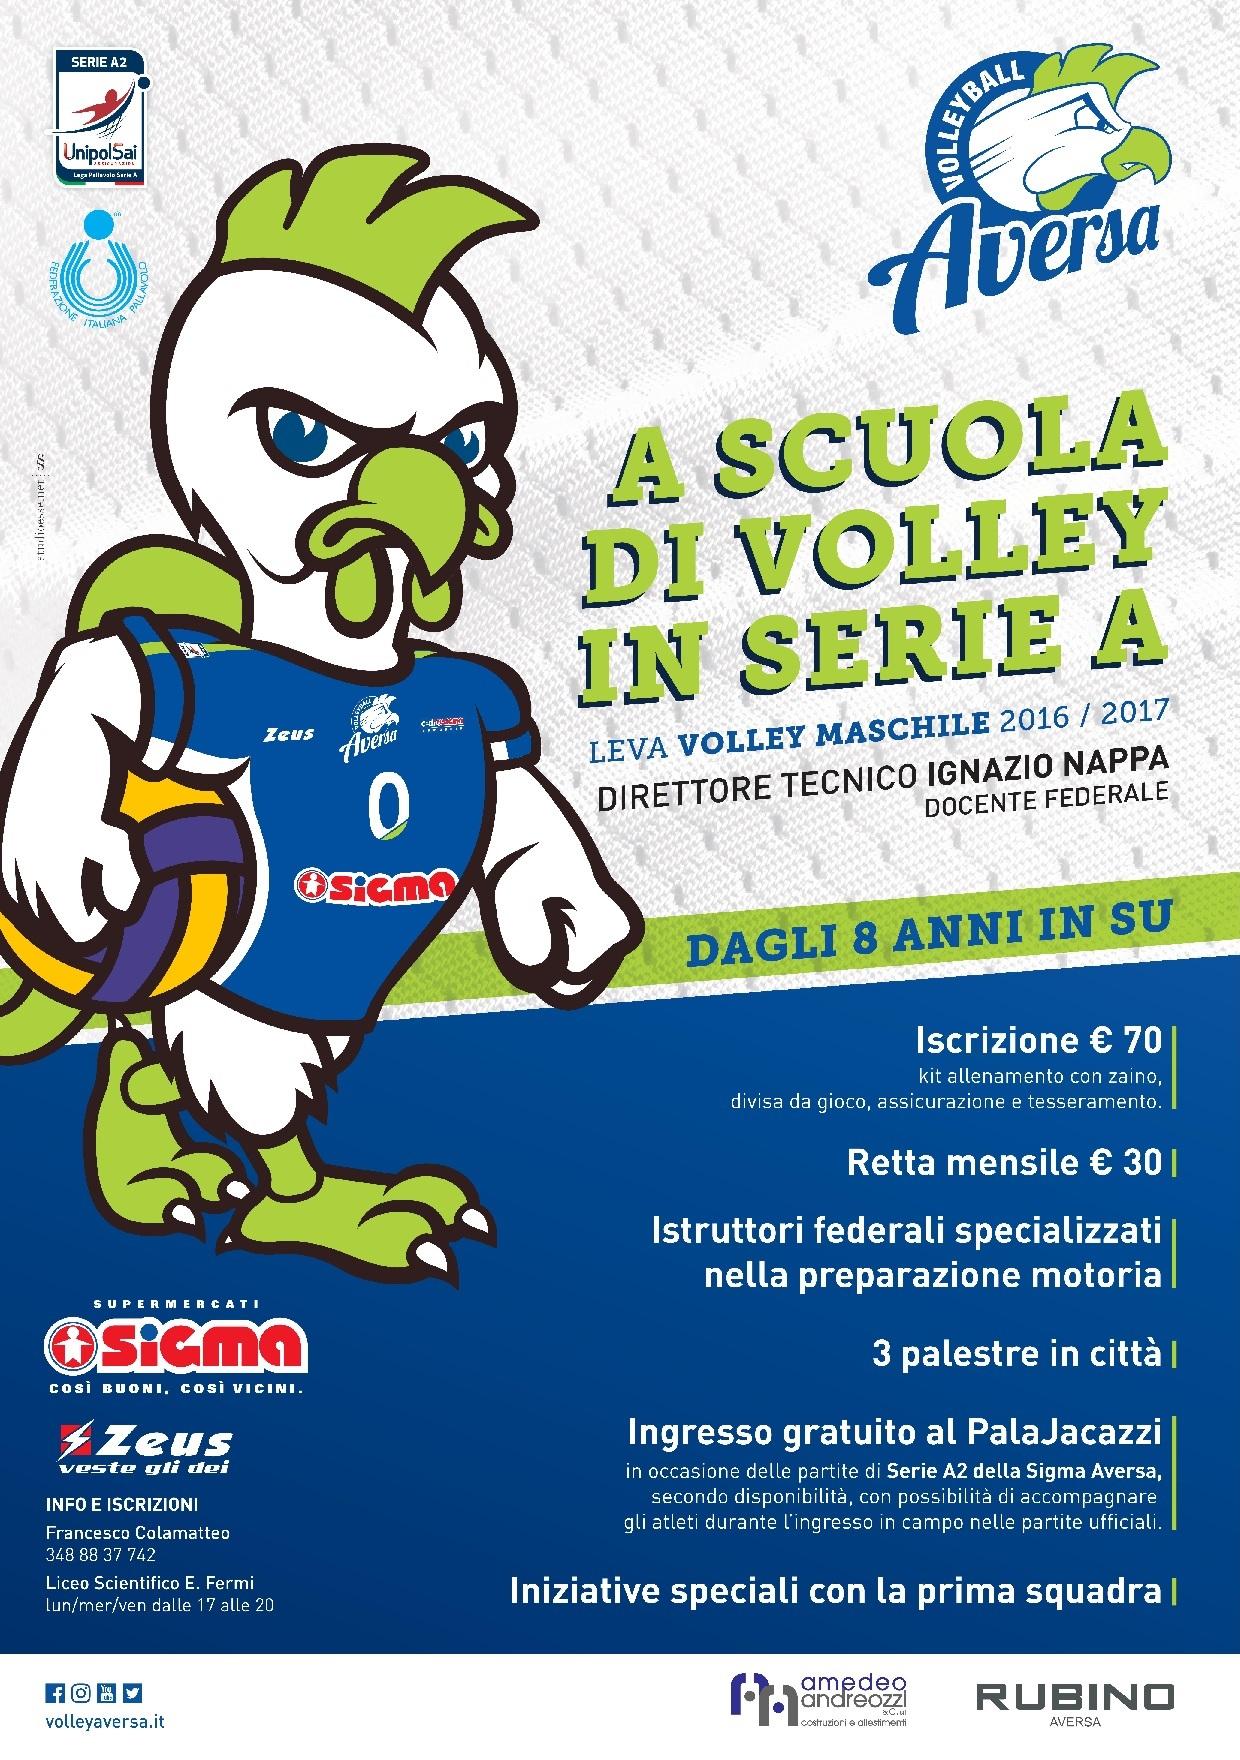 volleyball-aversa-a-scuola-di-volley-in-serie-a